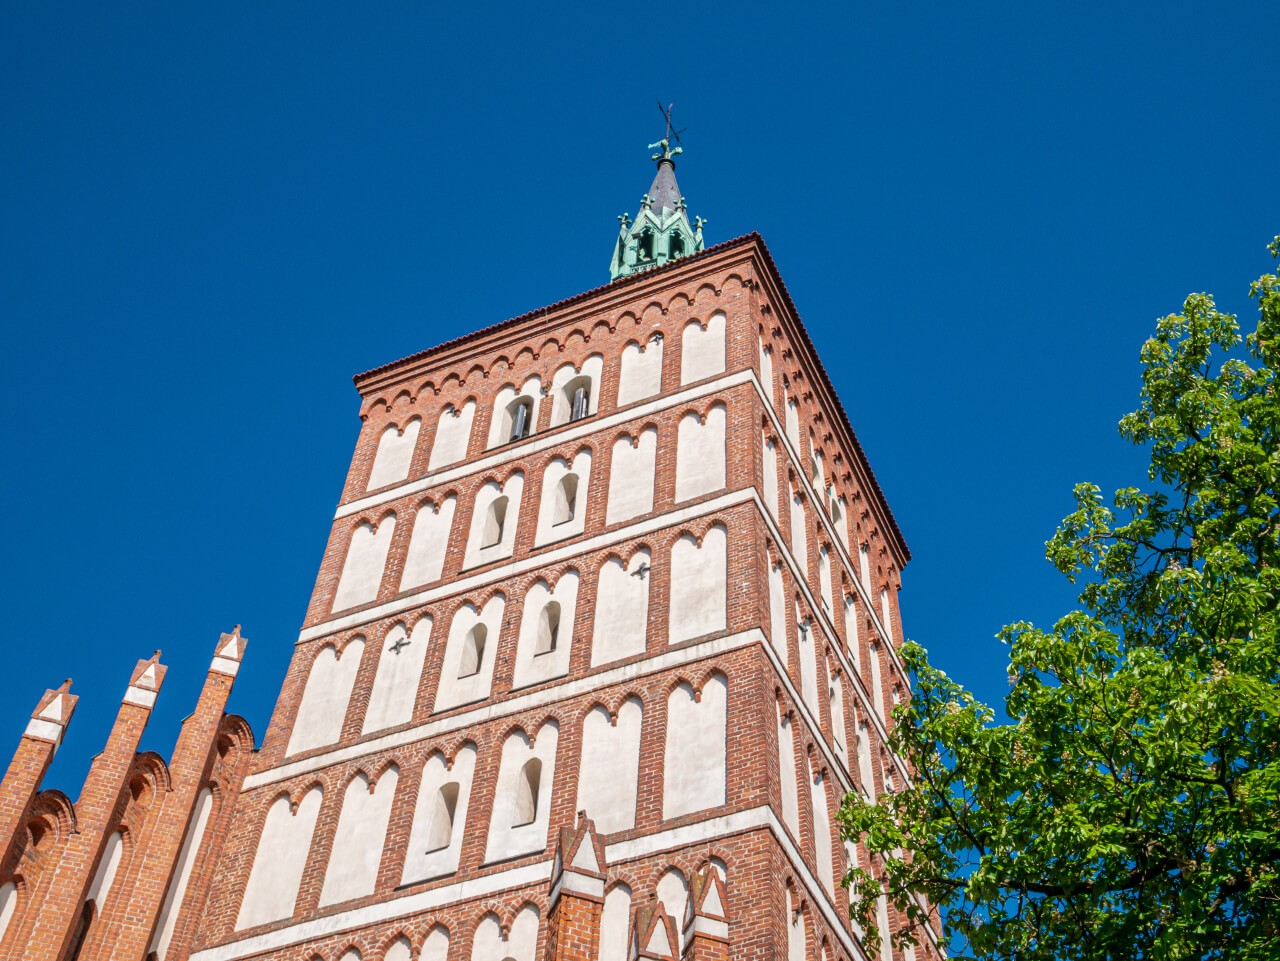 Wieża bazylika konkatedralna Olsztyn zabytek